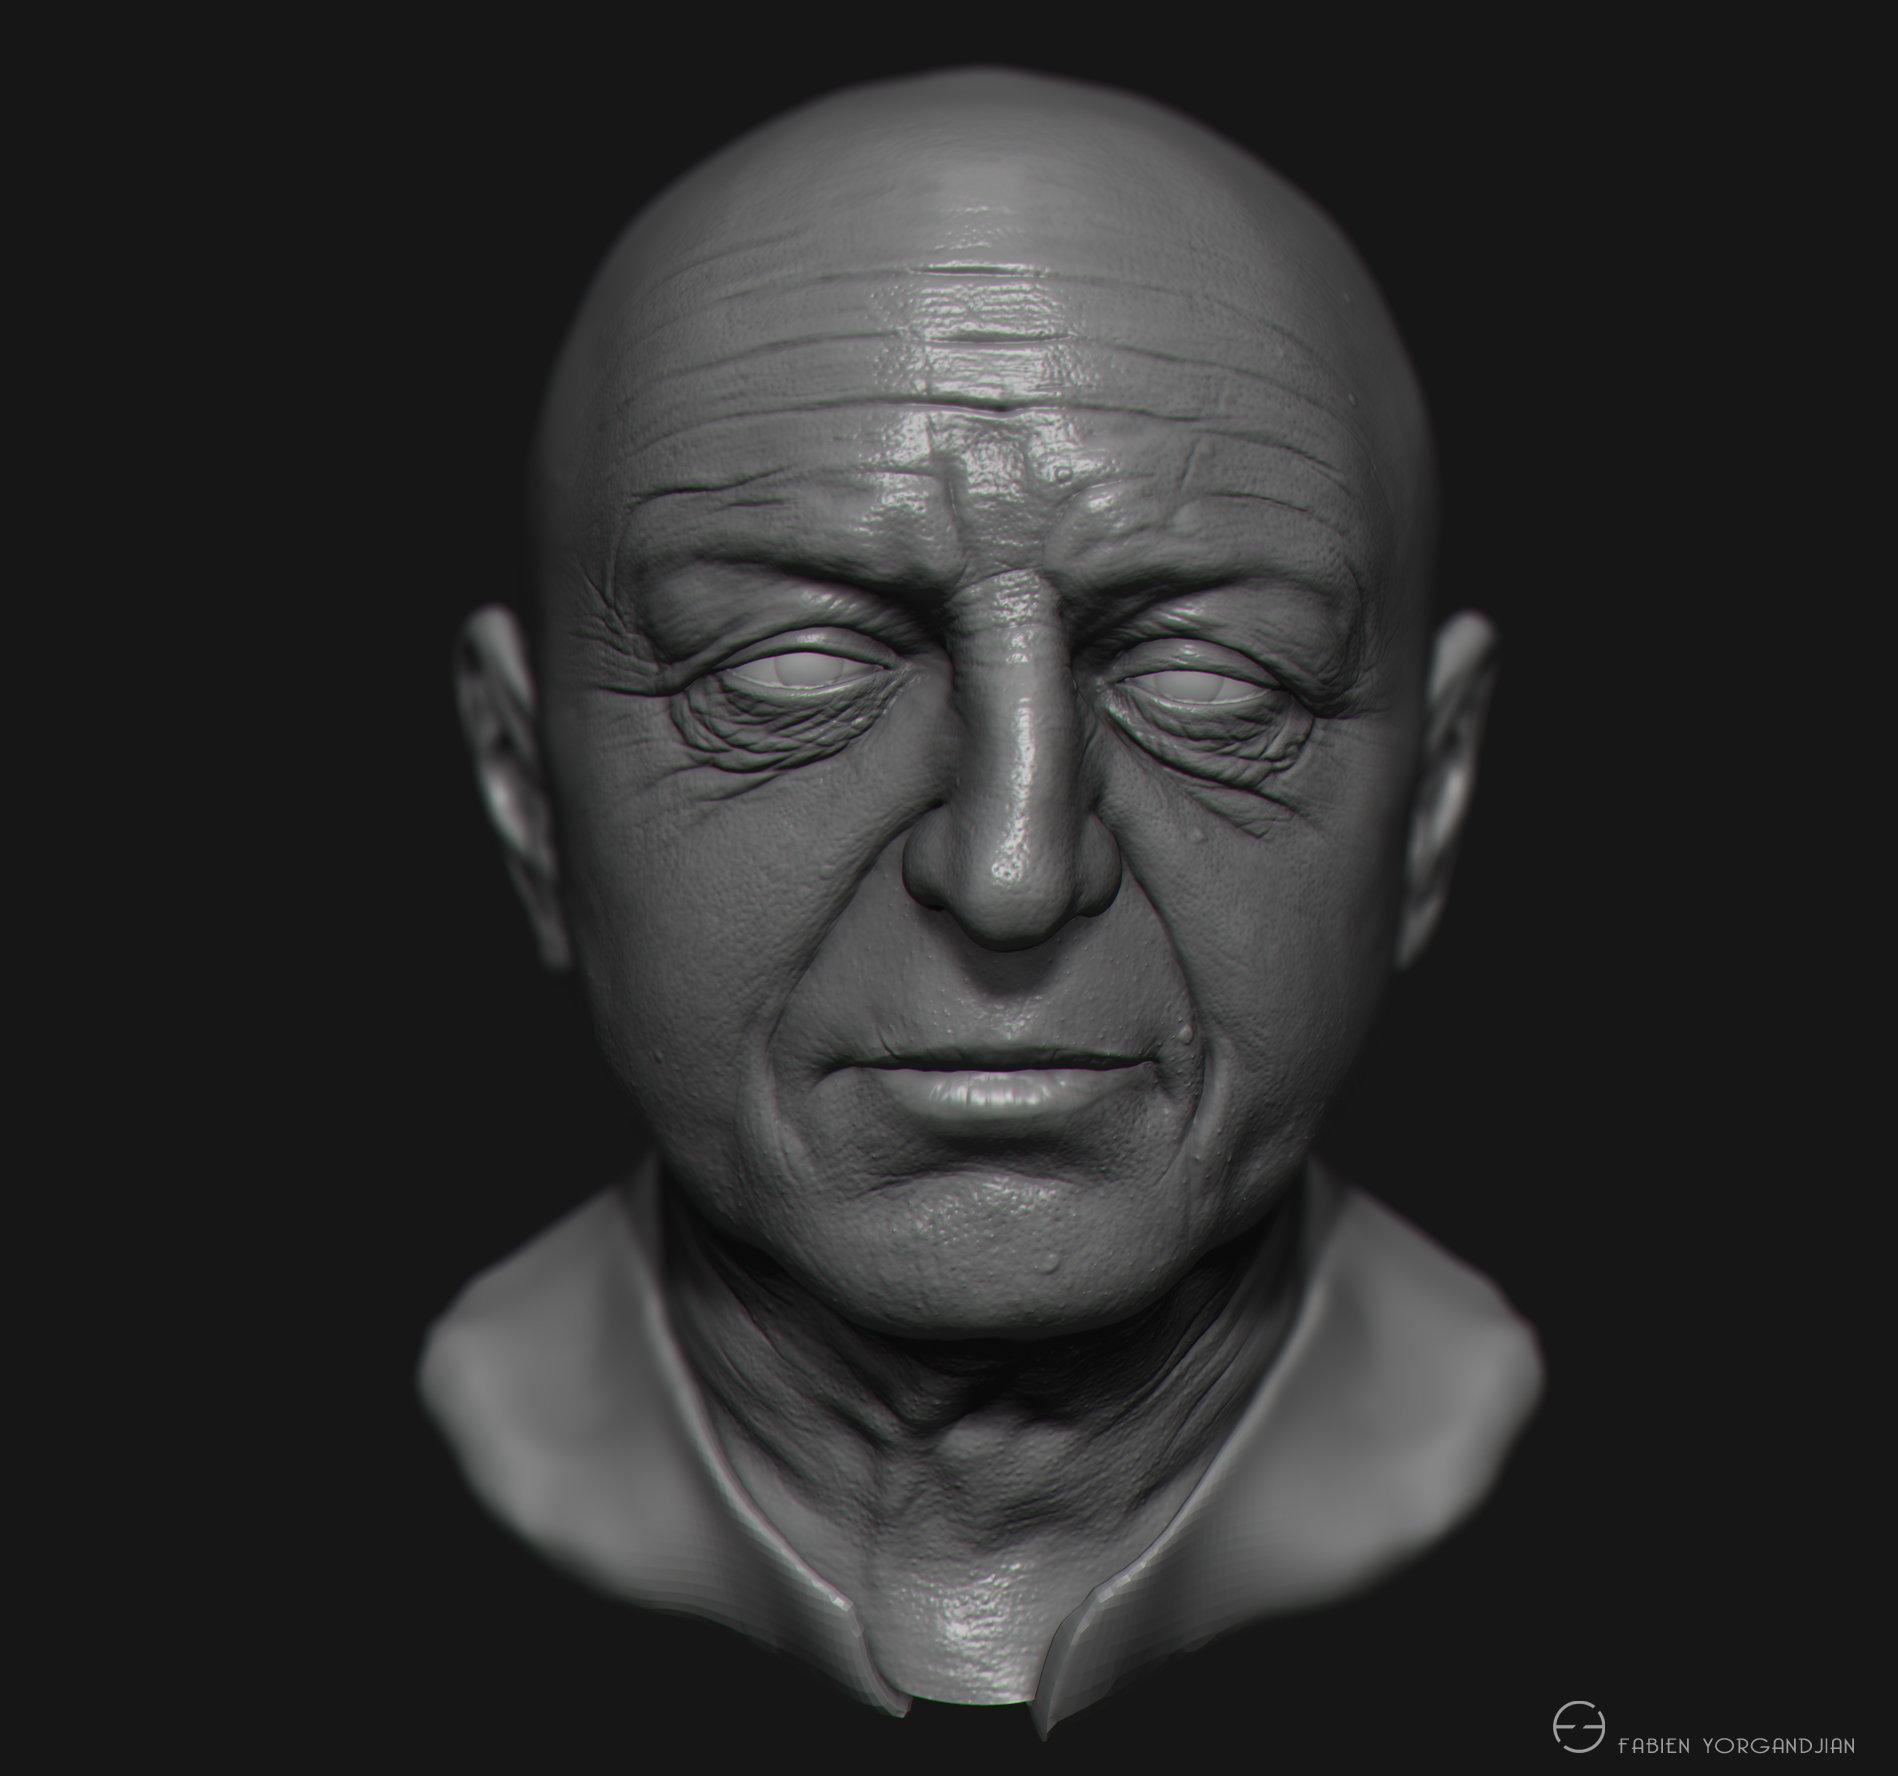 Fabien yorgandjian oldboxer head 03